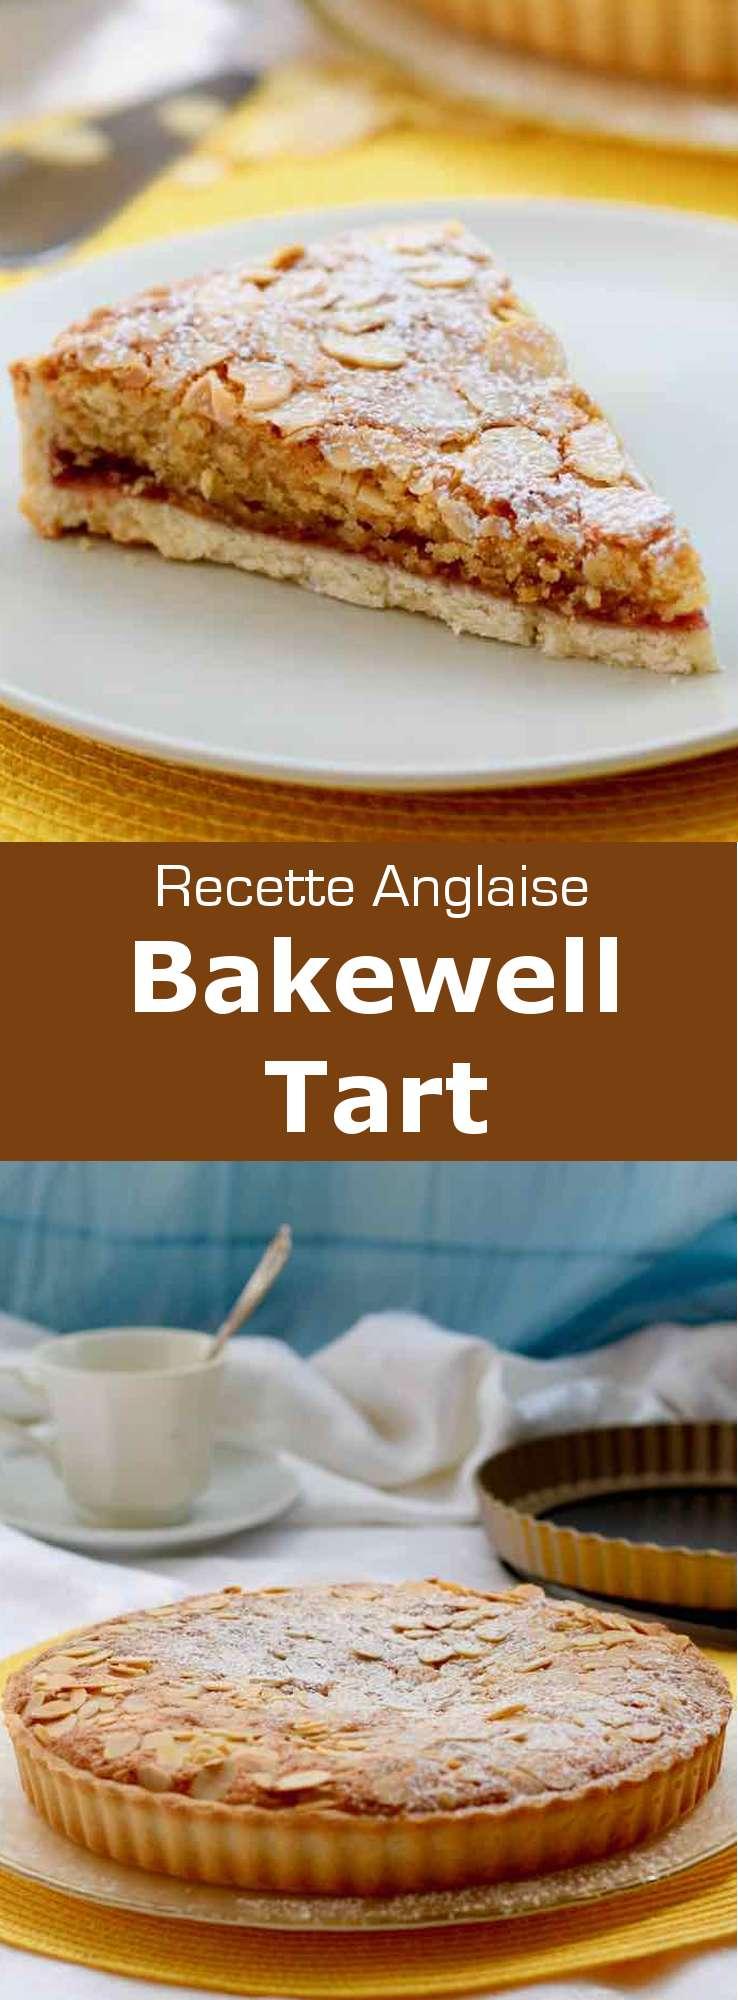 La tarta Bakewell es una tarta deliciosa con mermelada de frambuesa y franchipán. Es una receta clásica tradicional de Inglaterra.